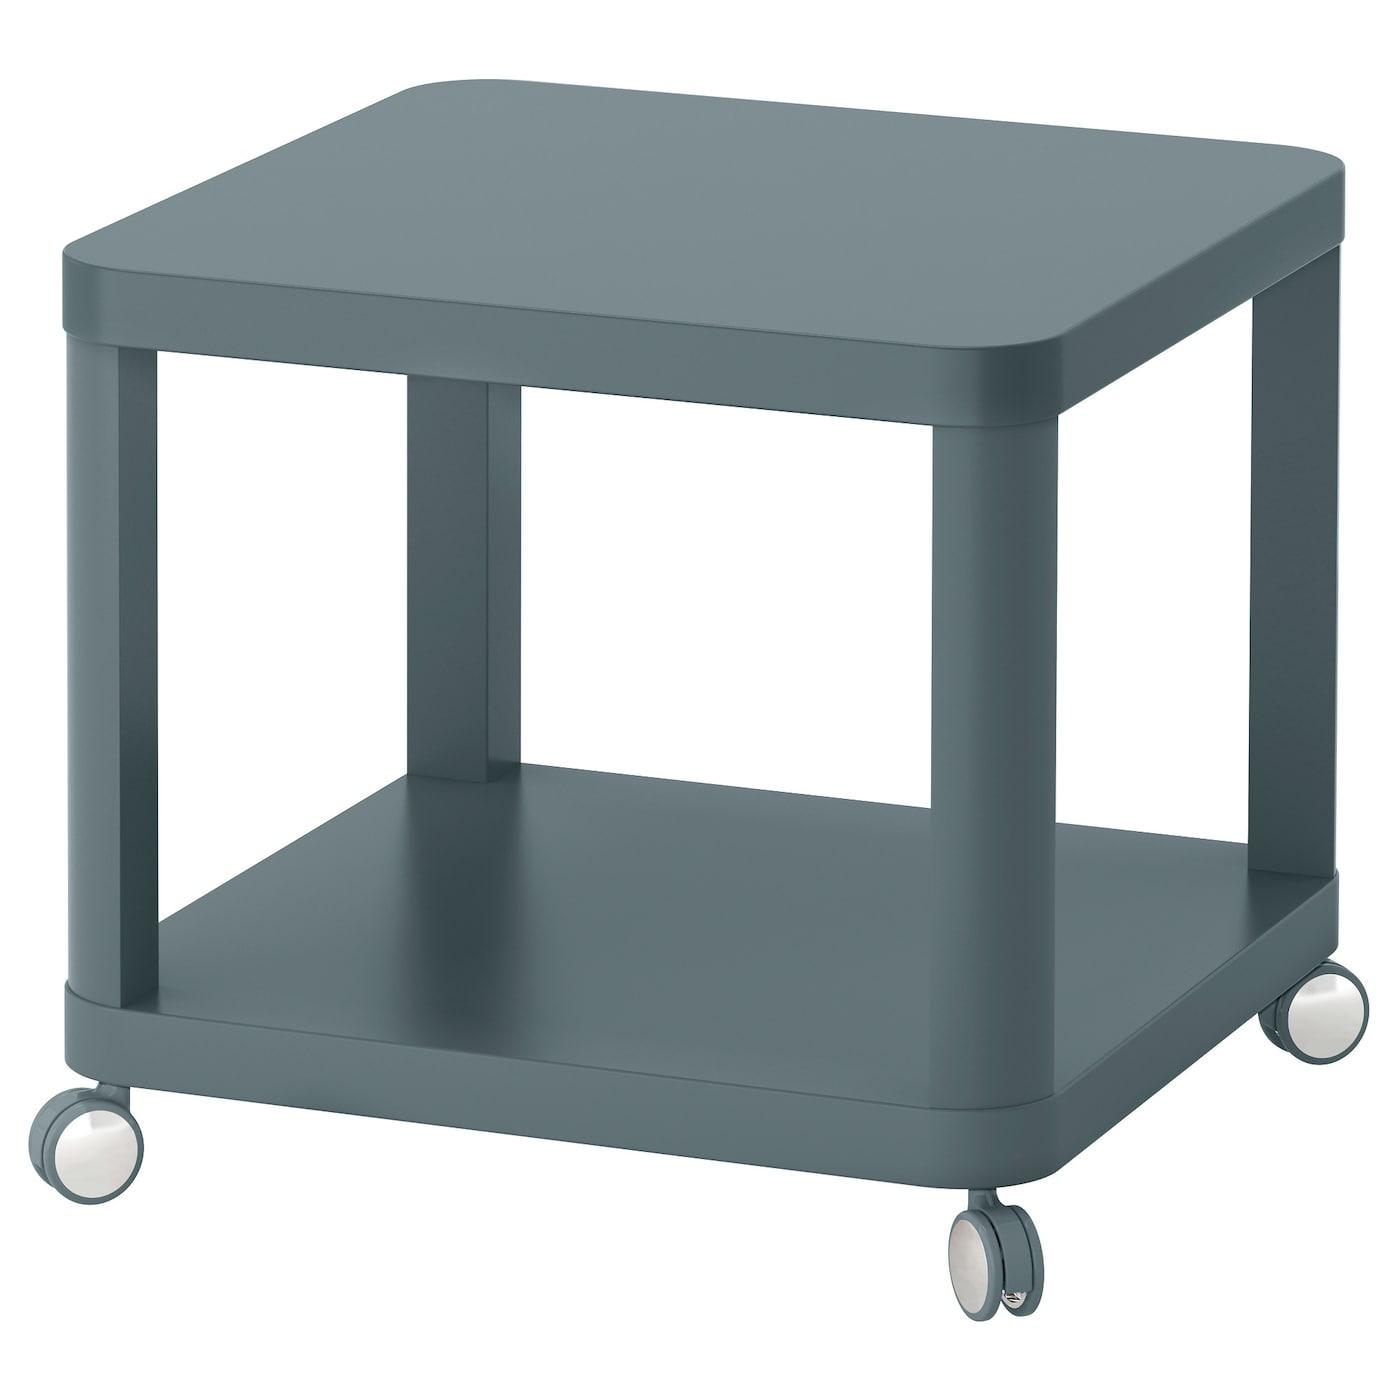 IKEA TINGBY turkusowy stolik na kółkach, 50x50 cm